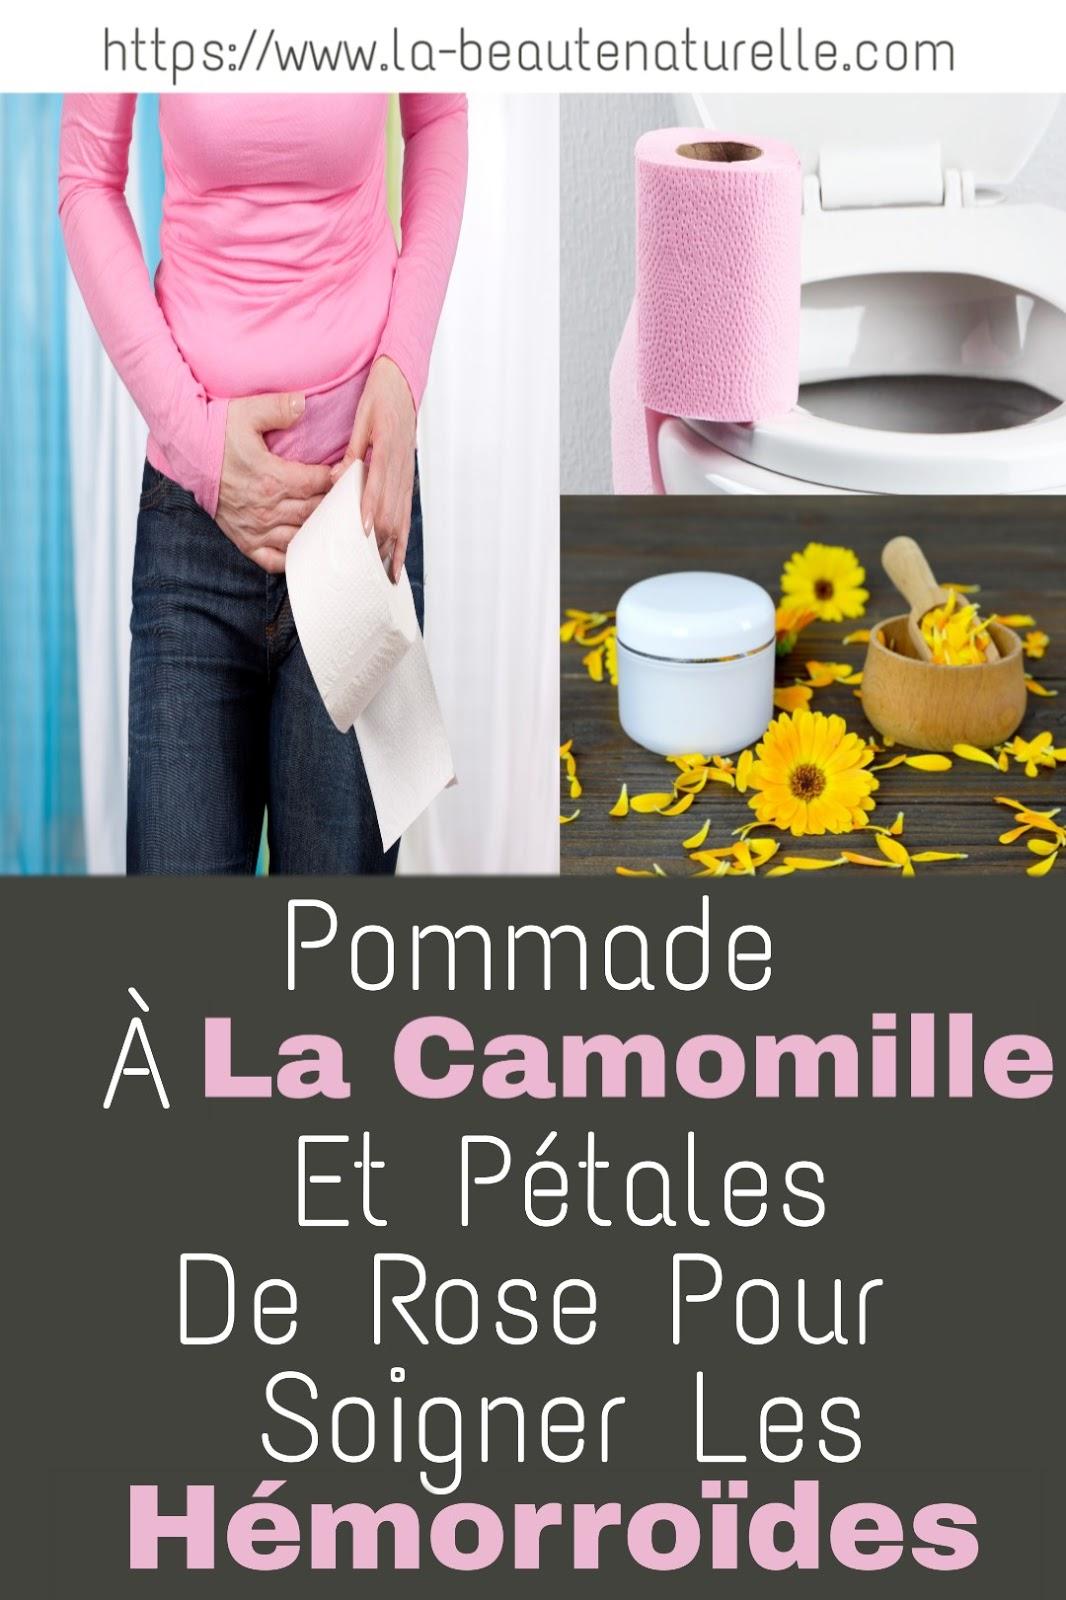 Pommade À La Camomille Et Pétales De Rose Pour Soigner Les Hémorroïdes